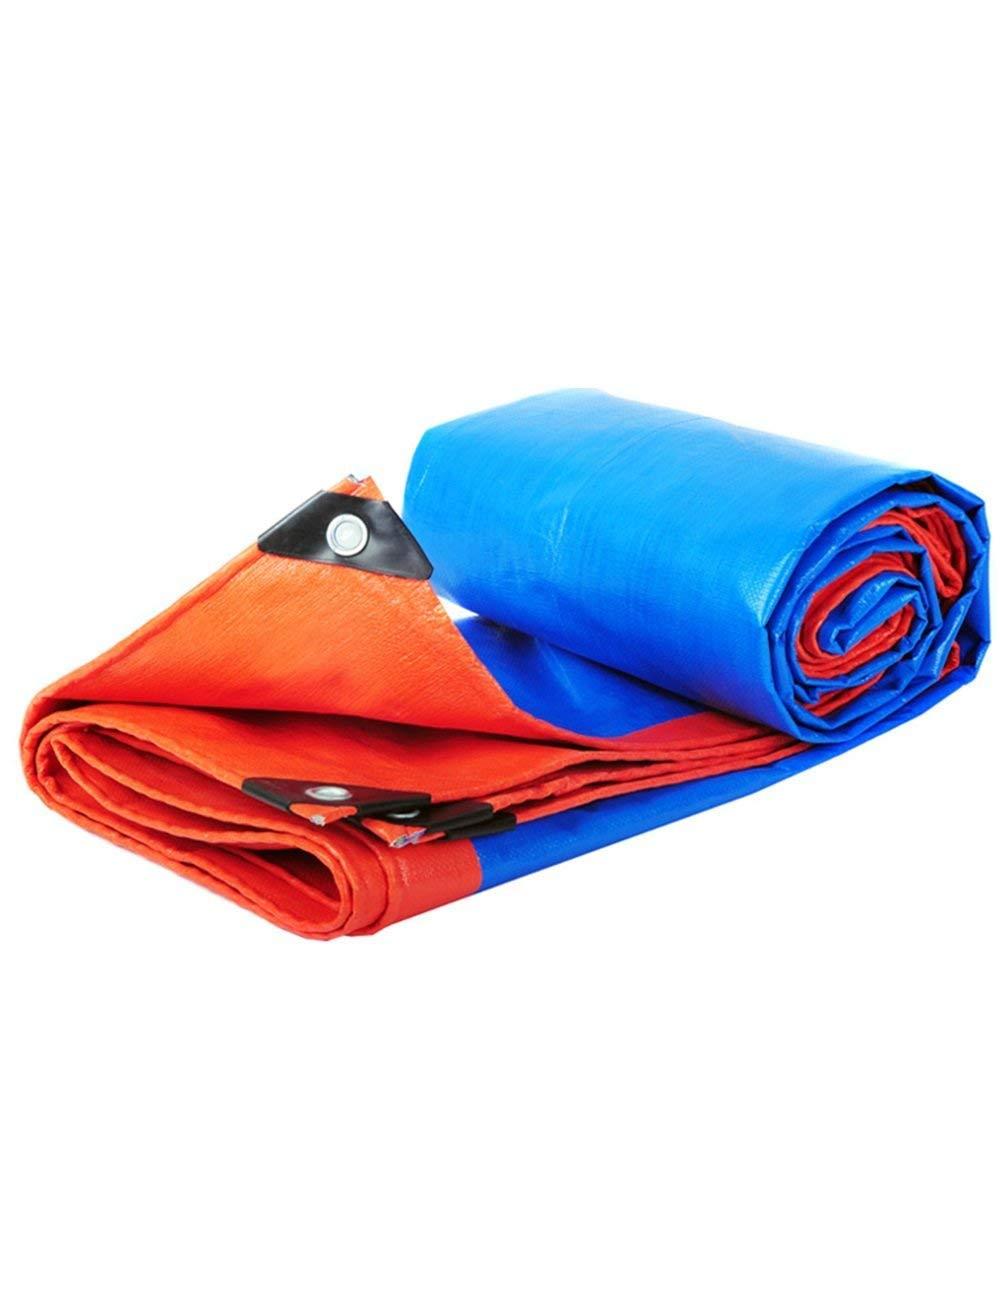 Fonly Blaues Rotes regendichtes Wasserdichtes Schatten-Plane-Segeltuch-Zelt-kampierende Tarp-Überdachung